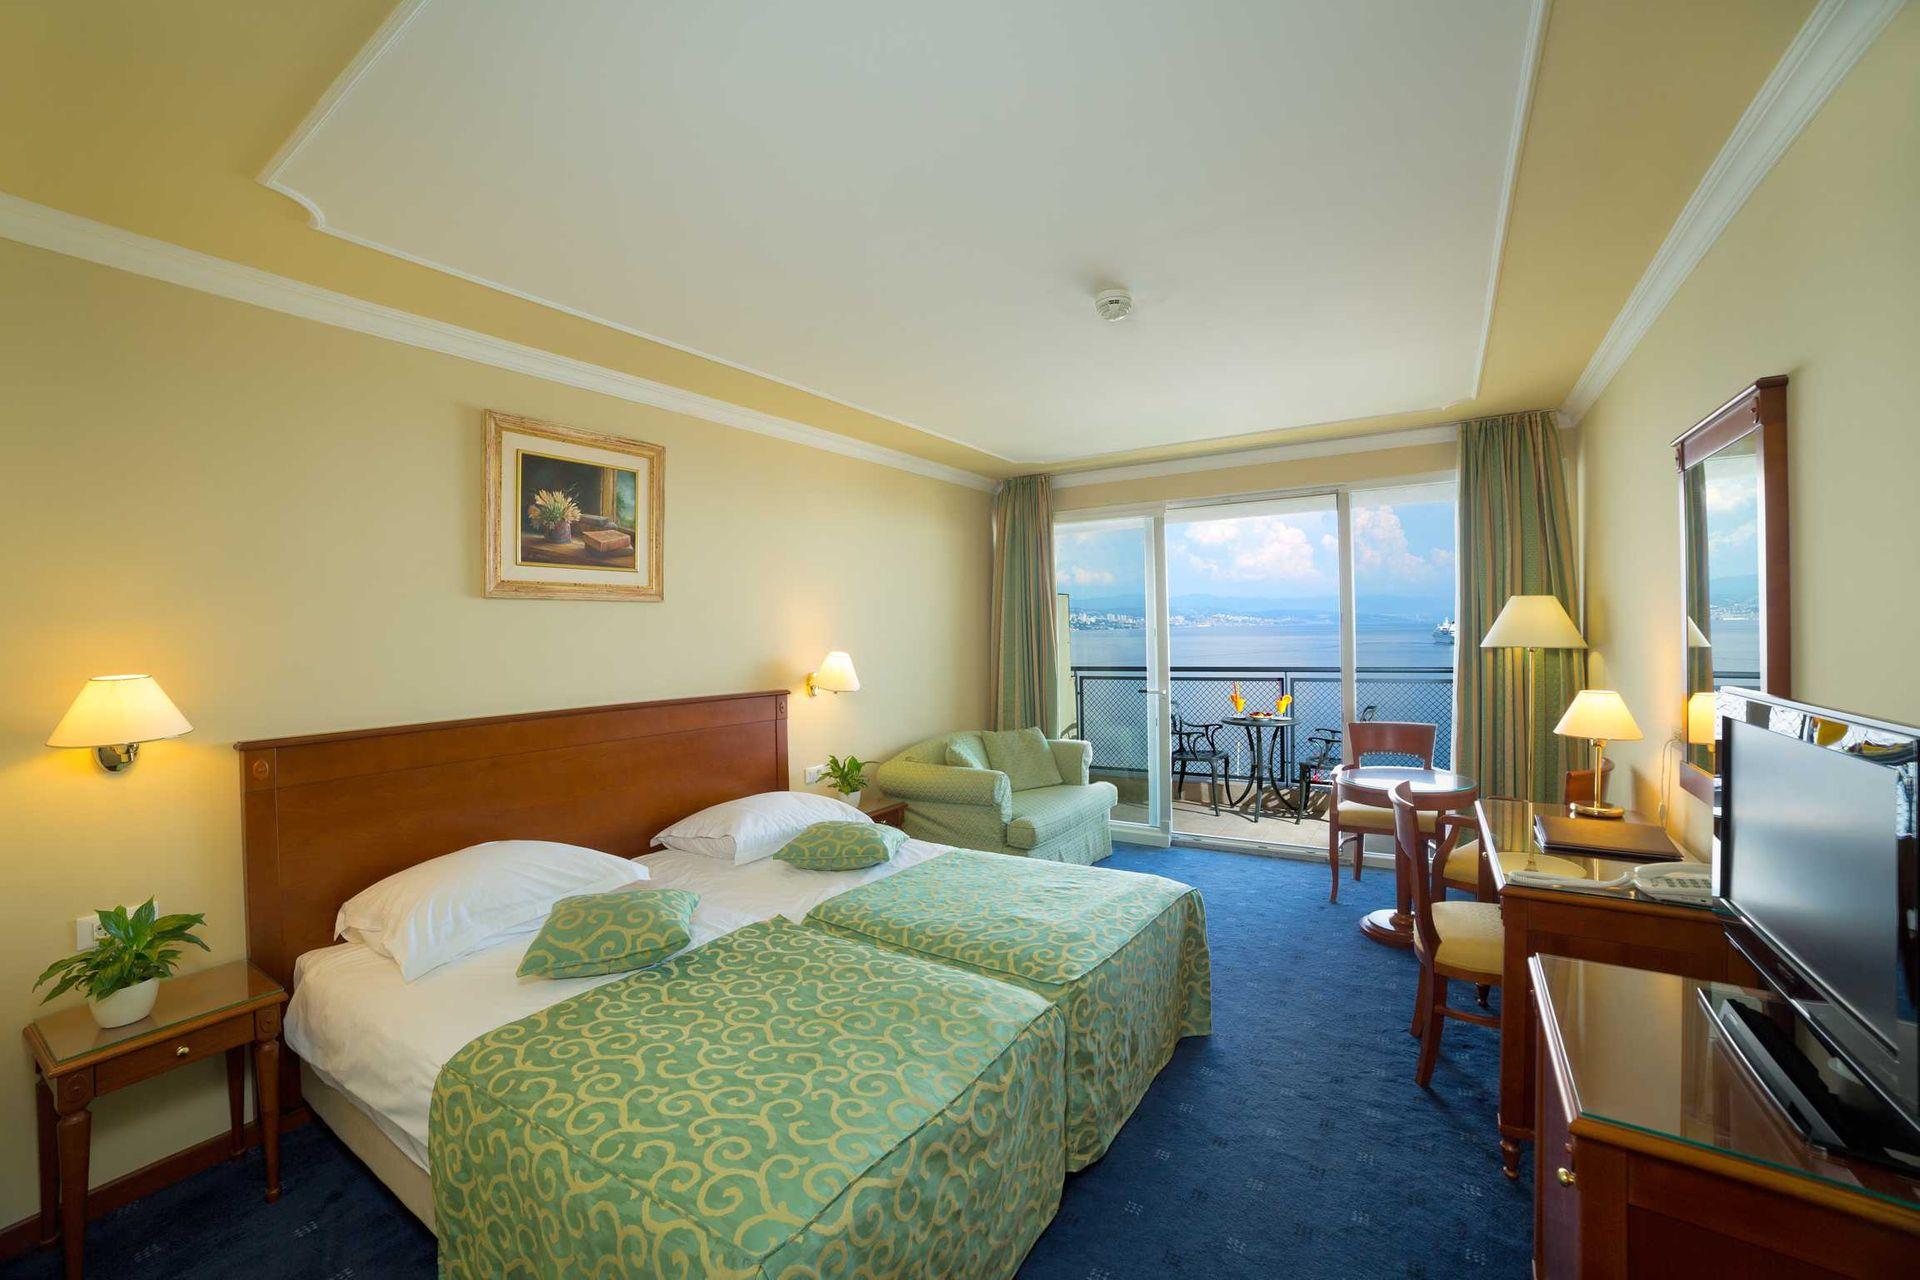 Superior Double Room +1 Villa Camellia 32 m² Sea View and Balcony-2